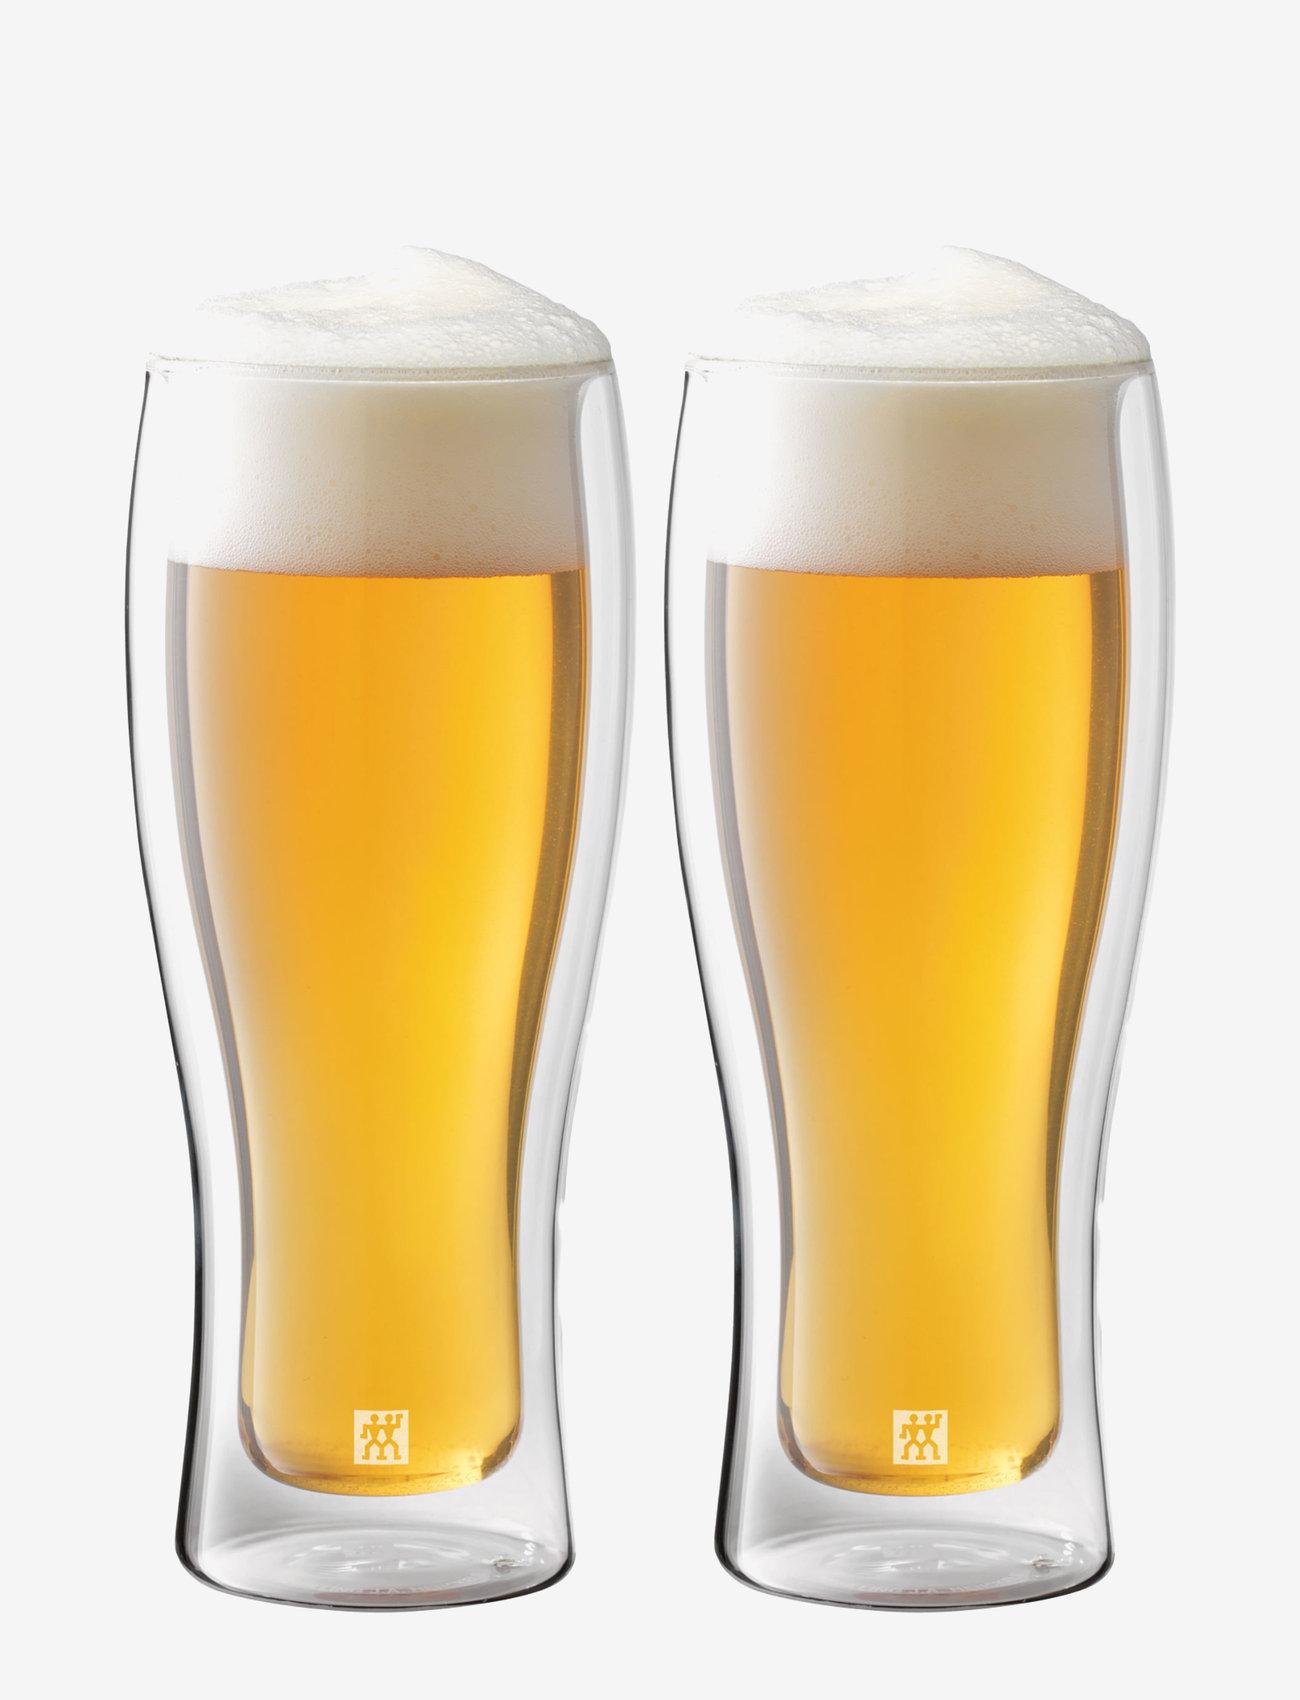 Zwilling - Beer glass set - Ølglass - transparent - 1